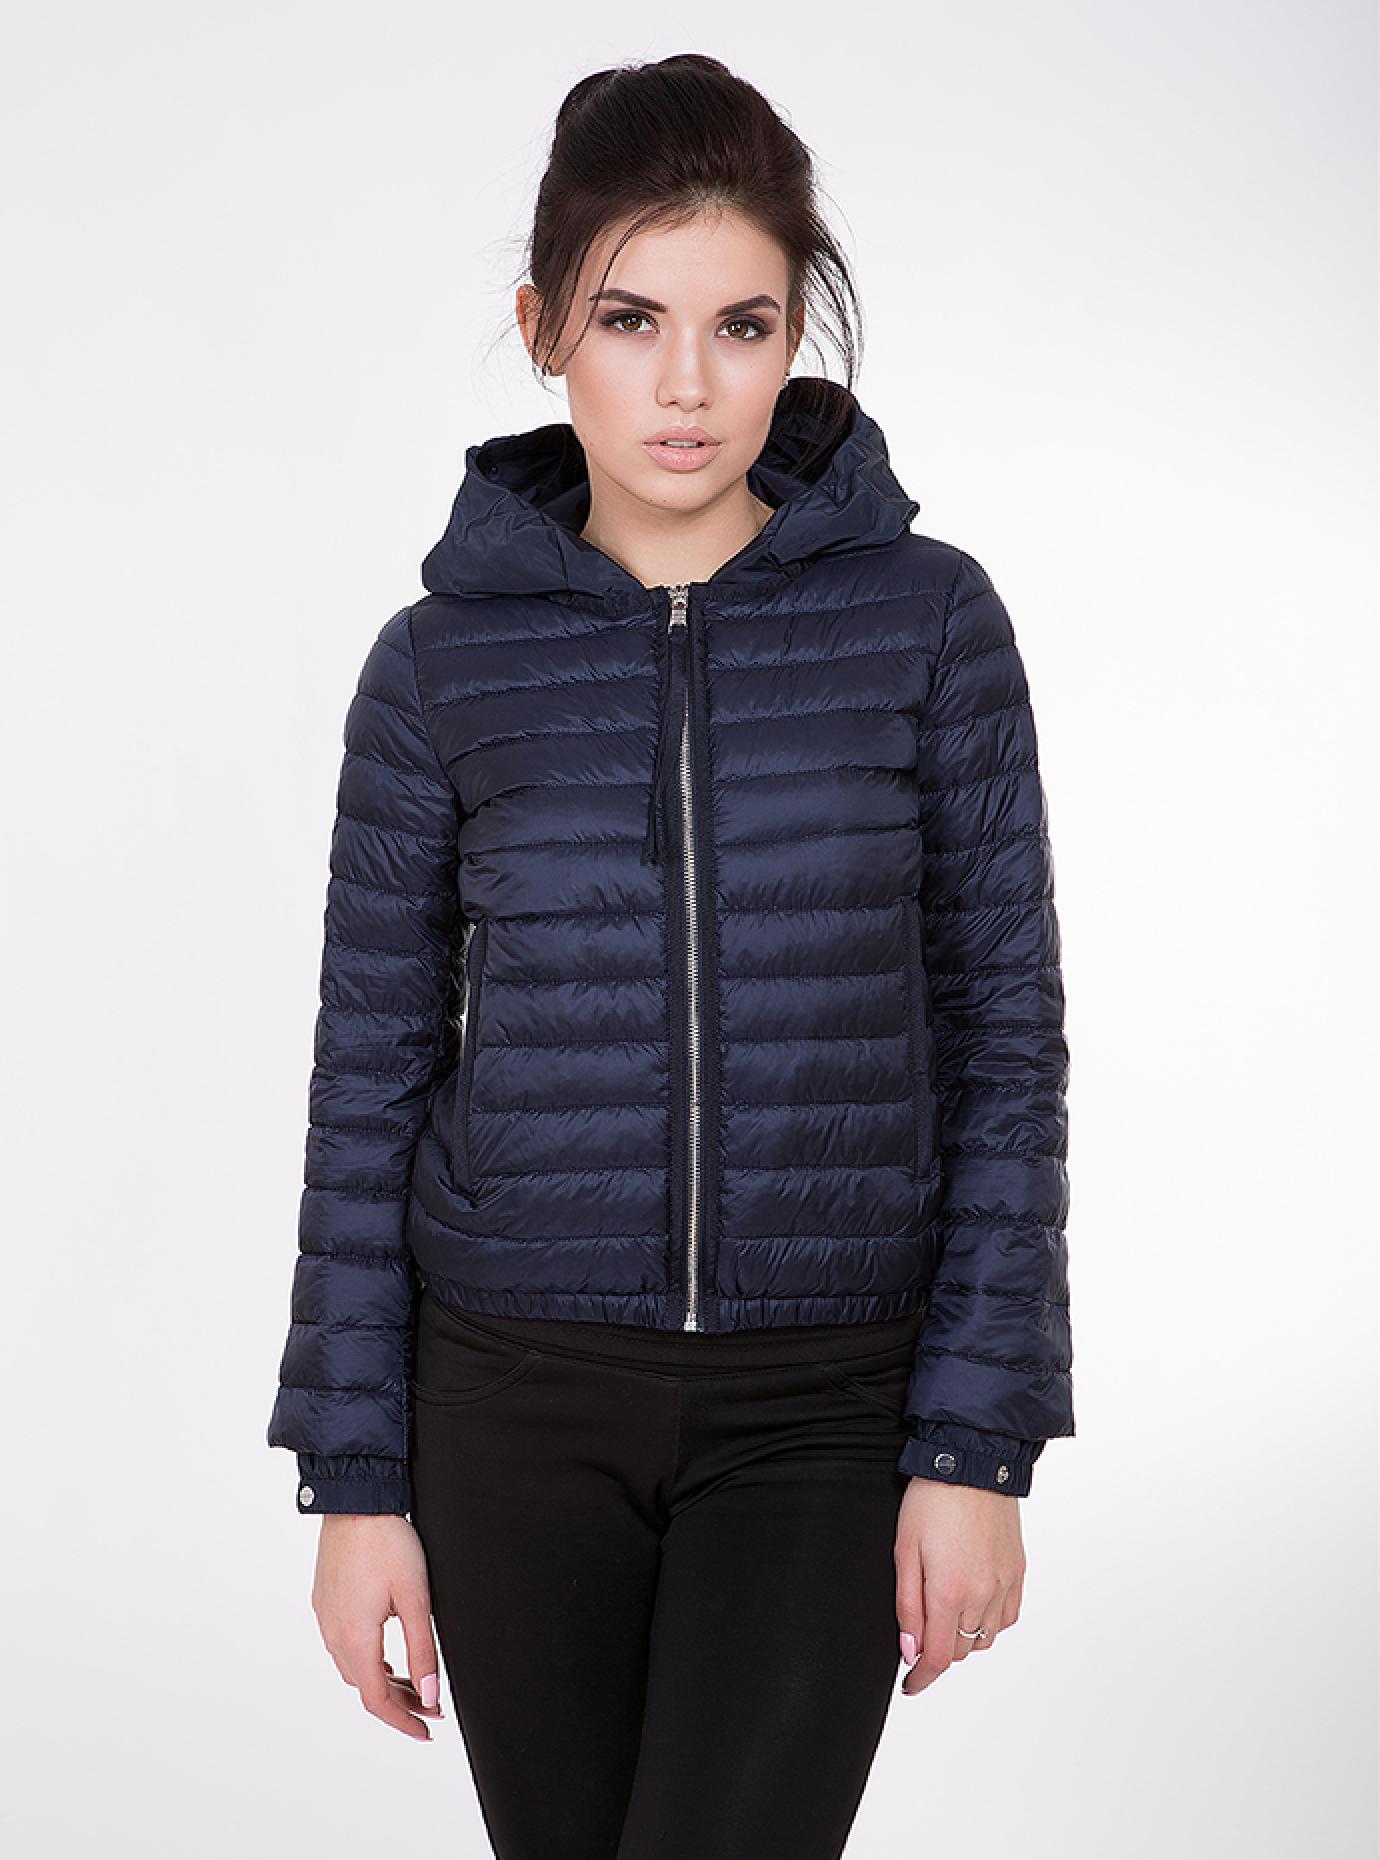 Куртка женская демисезонная короткая Чёрный S (02-CD18155): фото - Alster.ua